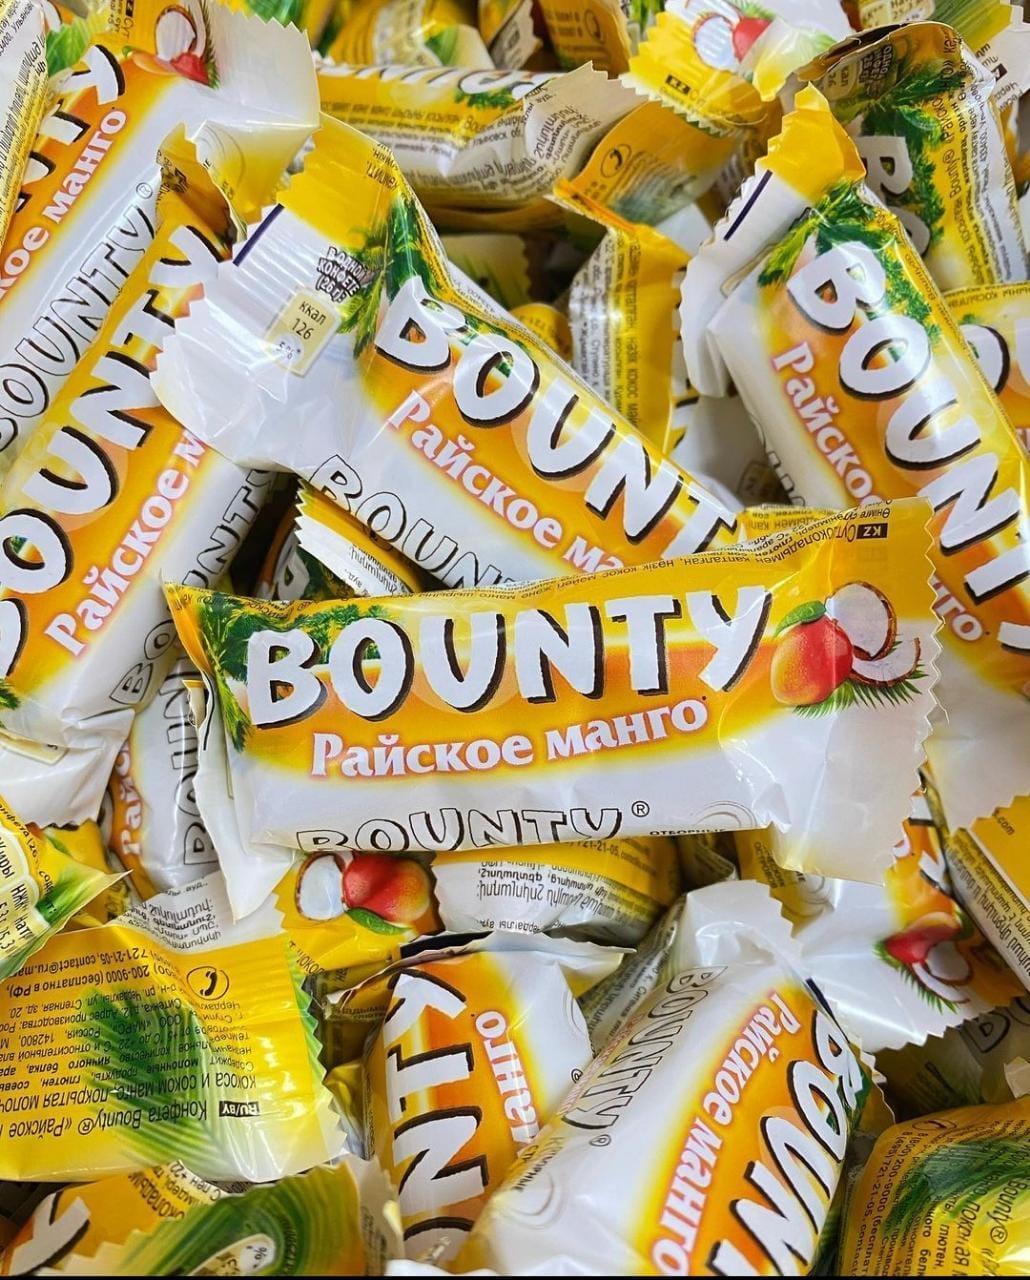 """Шоколадные батончики Bounty minis (Баунти мини) """"Райское манго"""" 1кг /на вес/"""